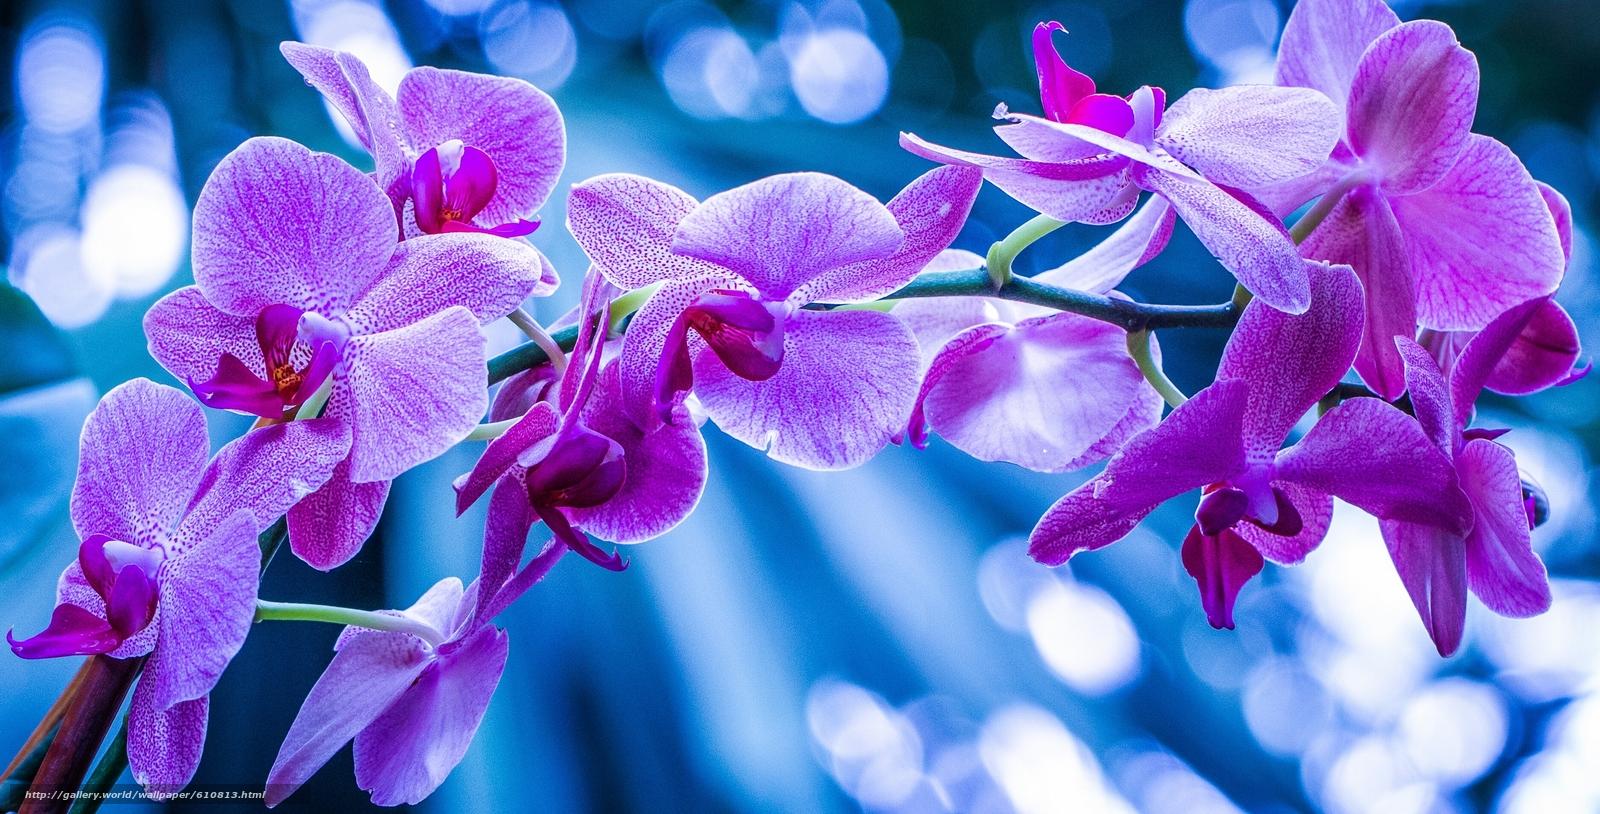 Скачать обои орхидея,  экзотика,  ветка,  макро бесплатно для рабочего стола в разрешении 2830x1440 — картинка №610813